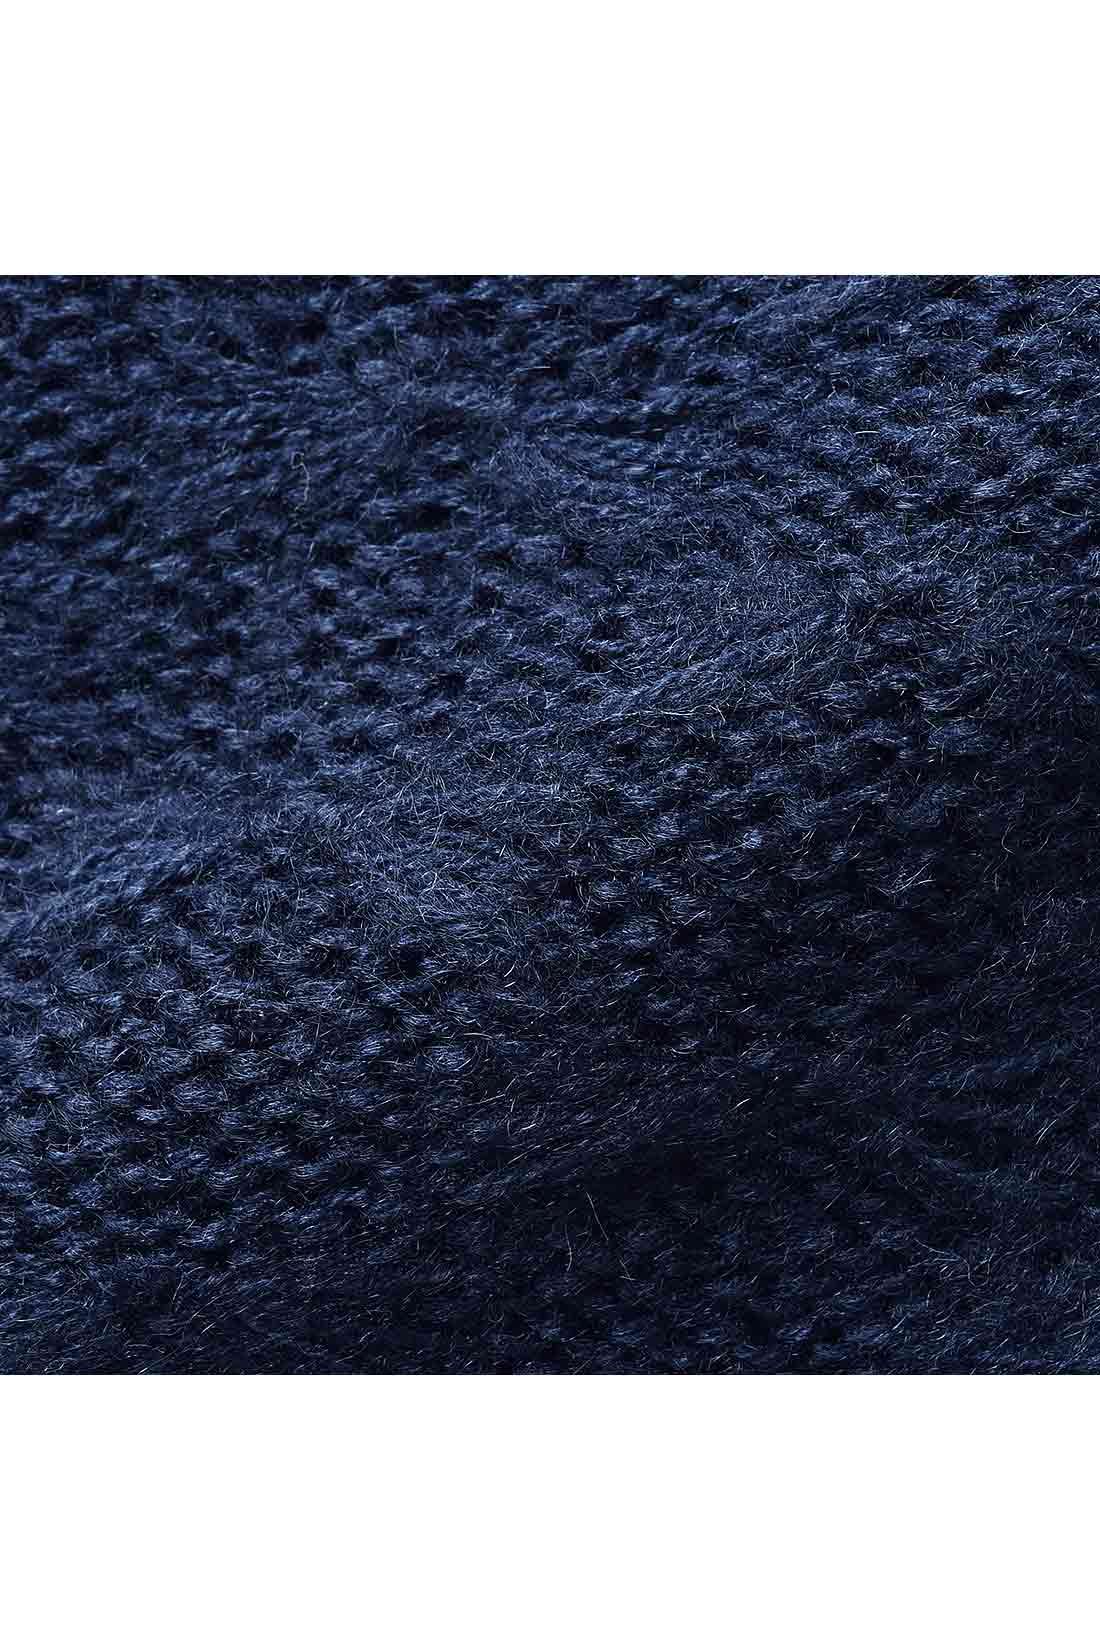 モヘアタッチの糸でリボンのようなふんわりやさしい編み地に。